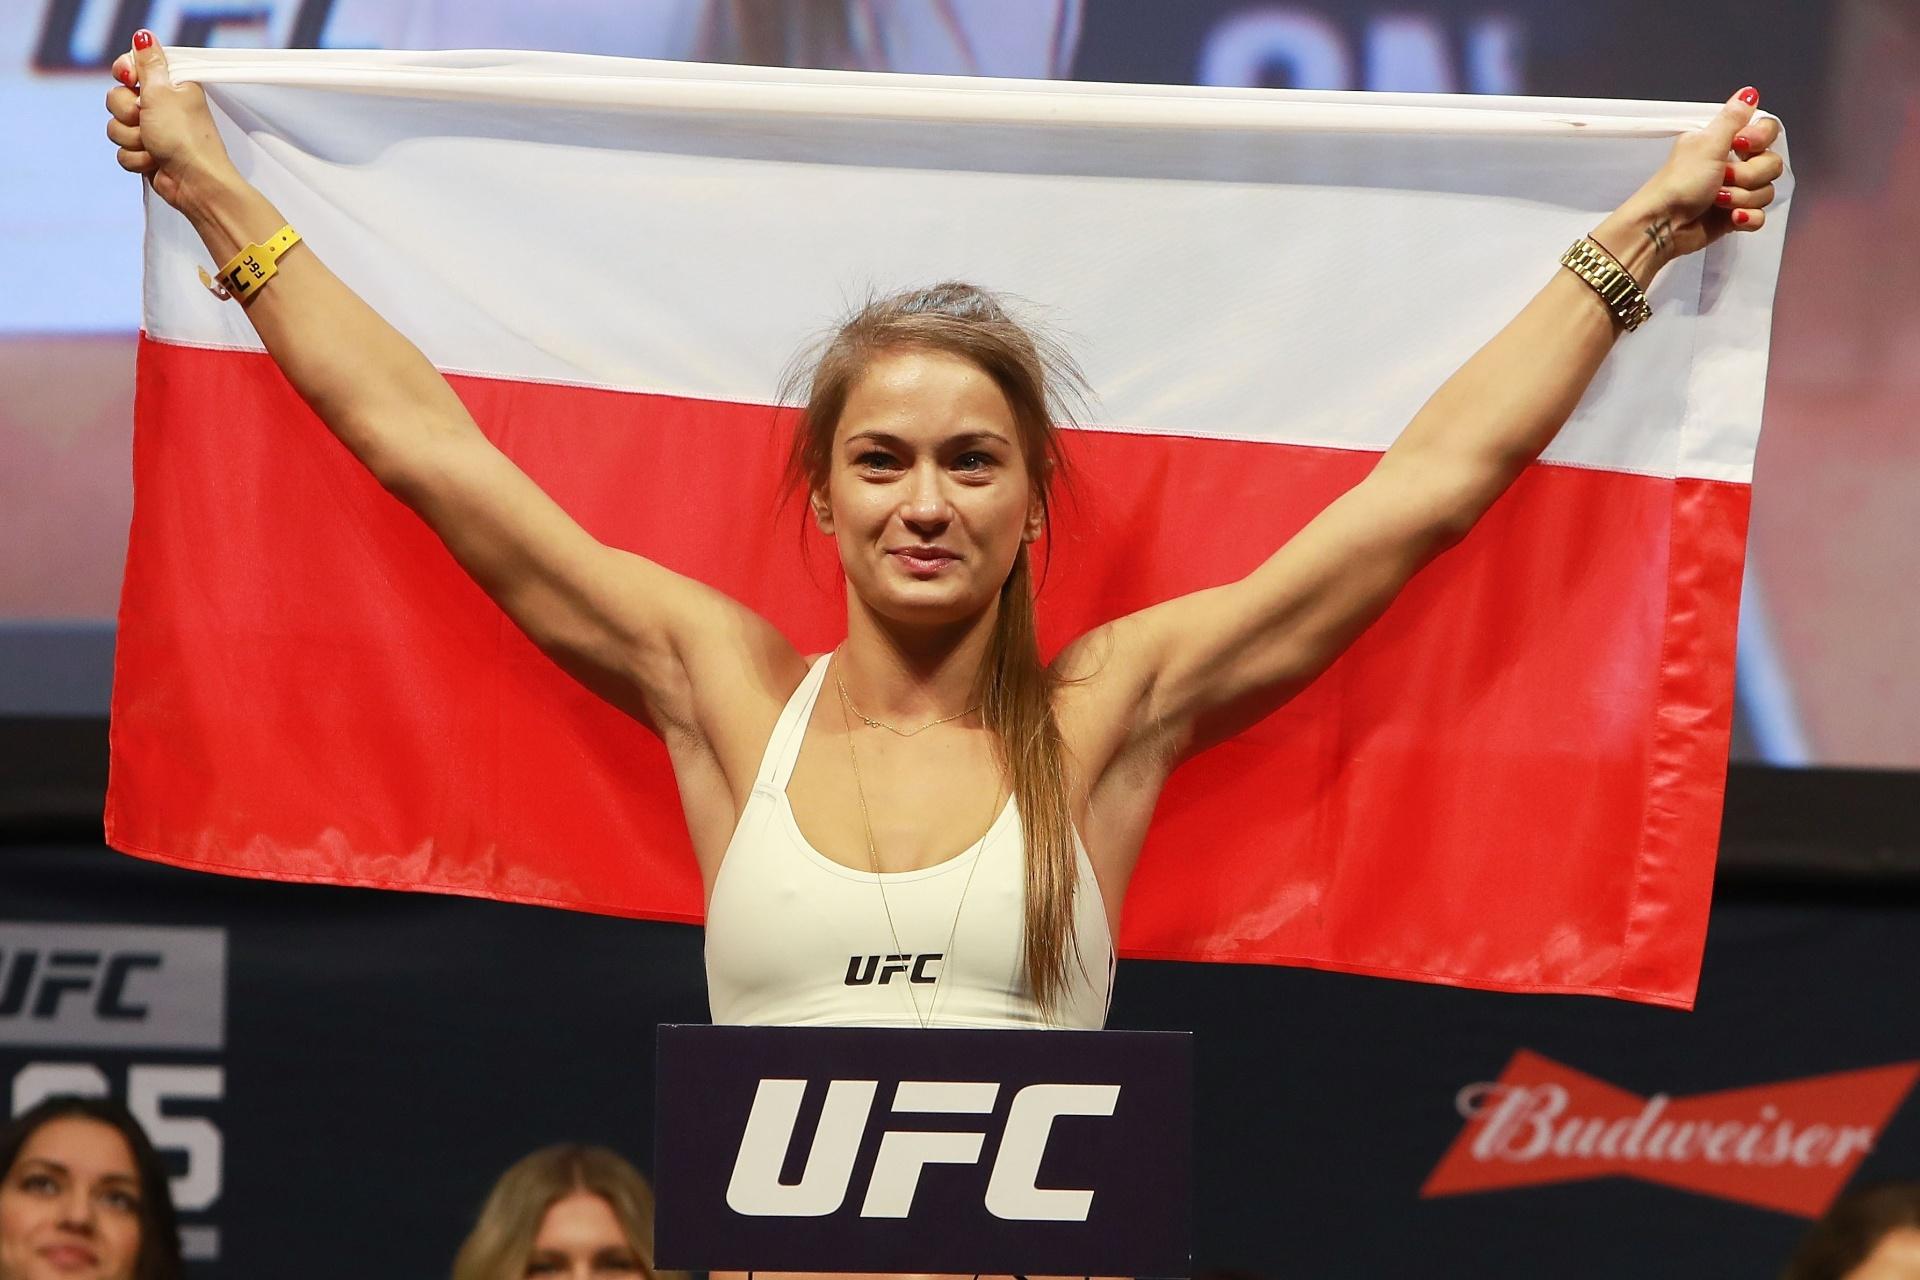 Karolina Kowalkiewicz exibe bandeira da Polônia na pesagem do UFC 205